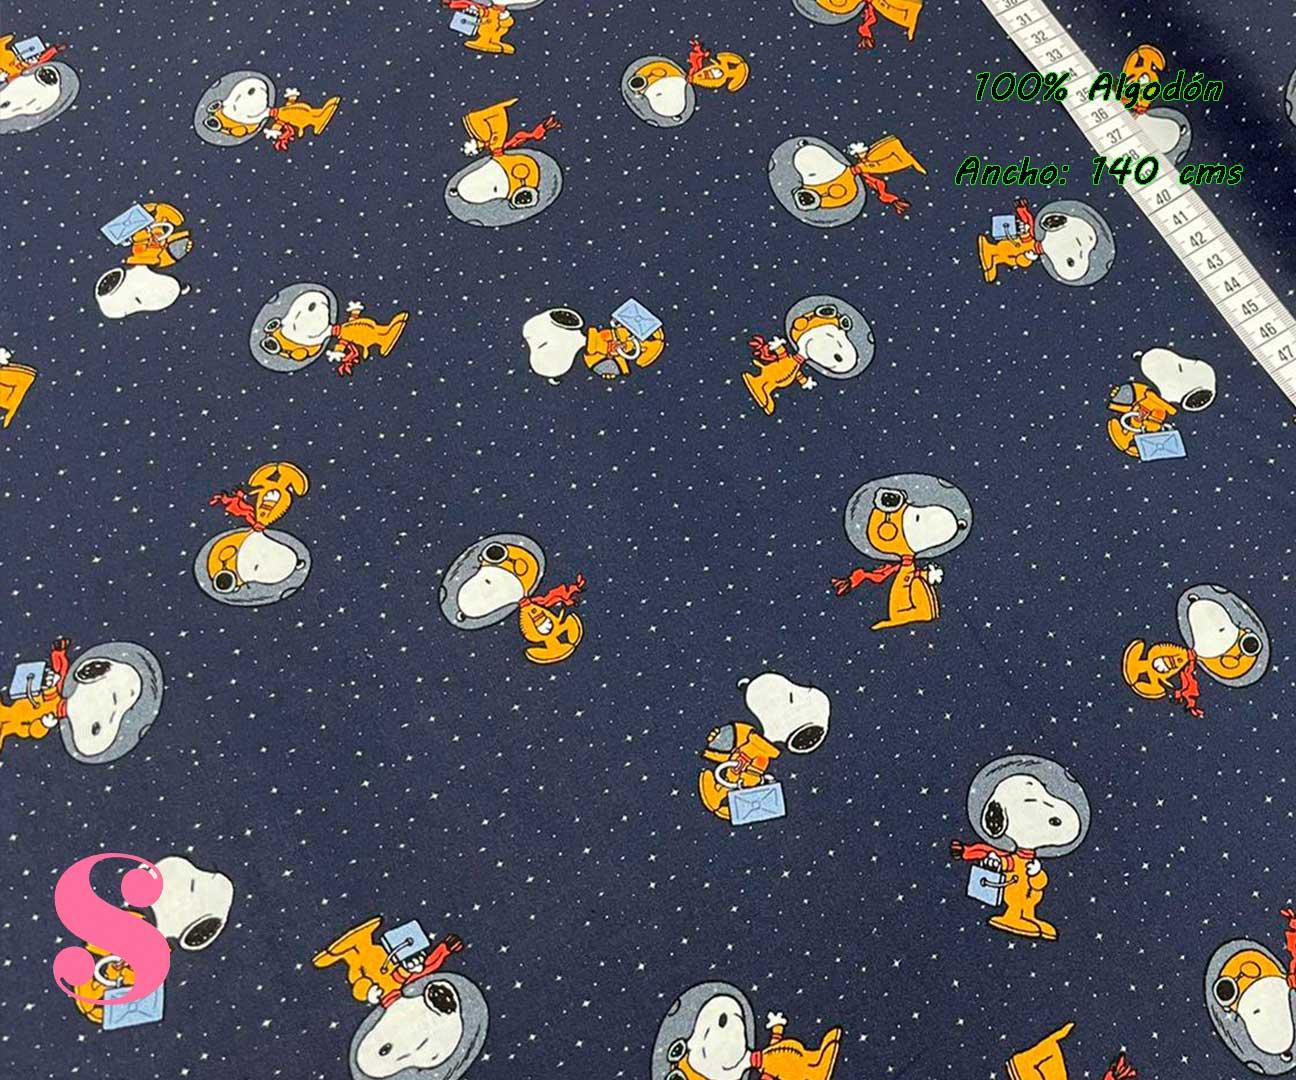 2-telas-para-patchwork,telas-estampadas-originales,tejidos-estampados-originales,telas-frikis,Tejido Estampado Patch Americano Snoopy Astronauta